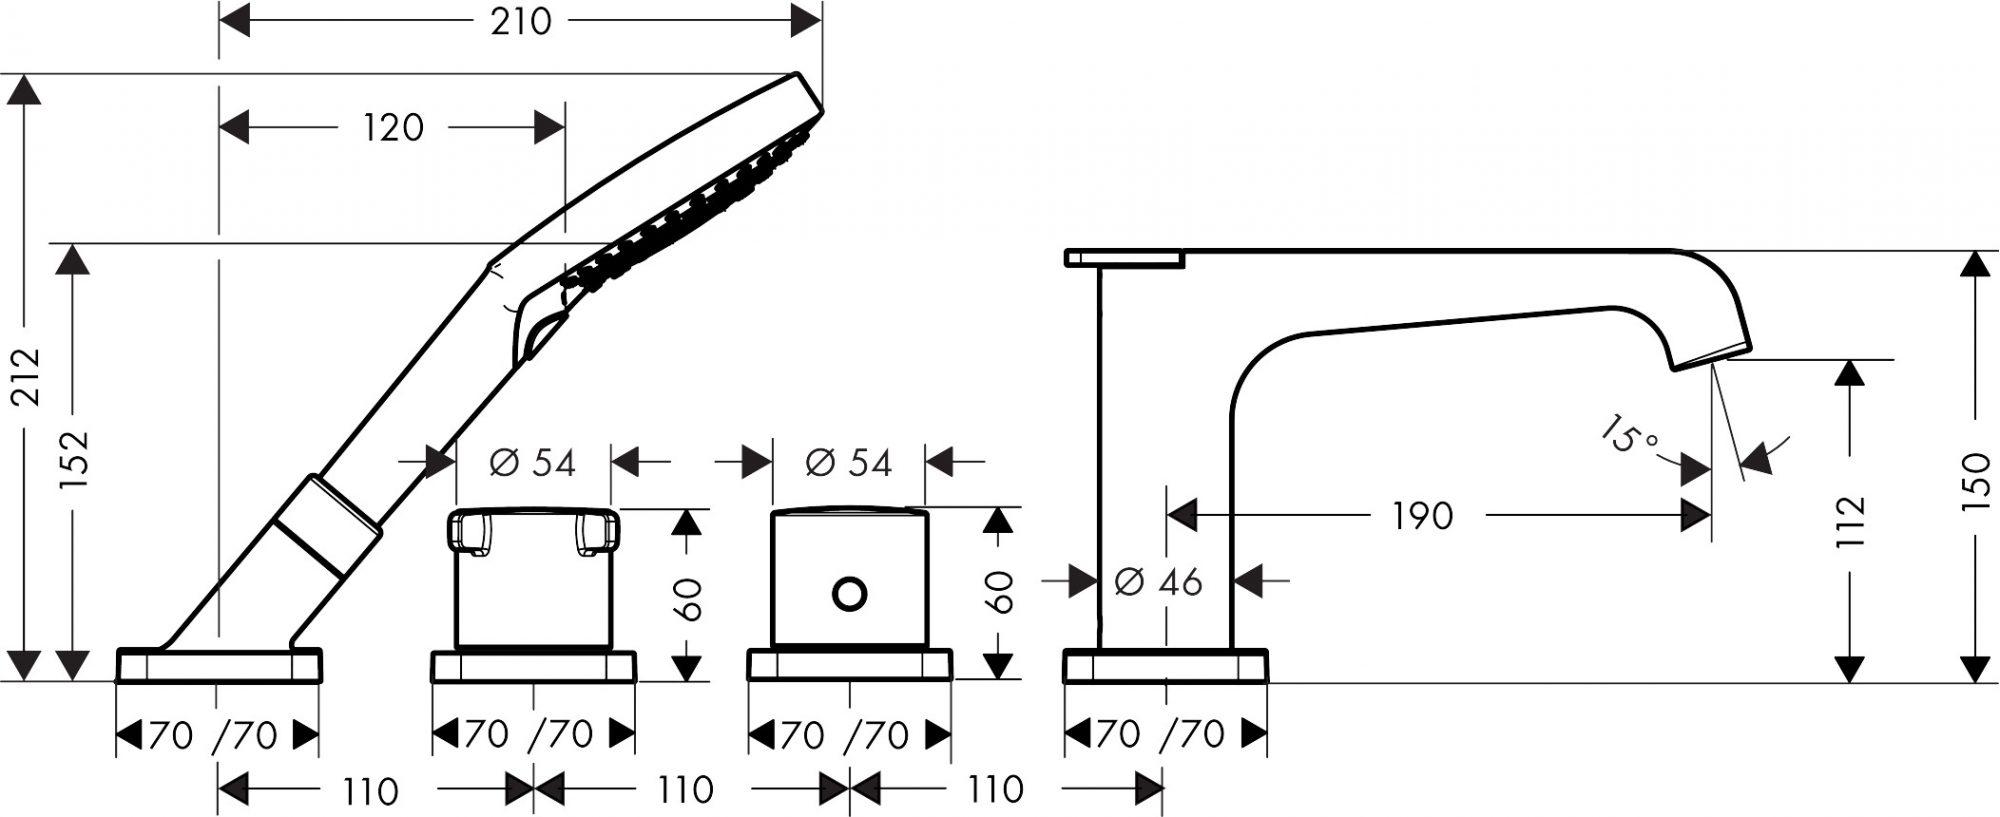 36410000 AXOR Citterio E 4 hole thermostatic tile mounted bath mixer